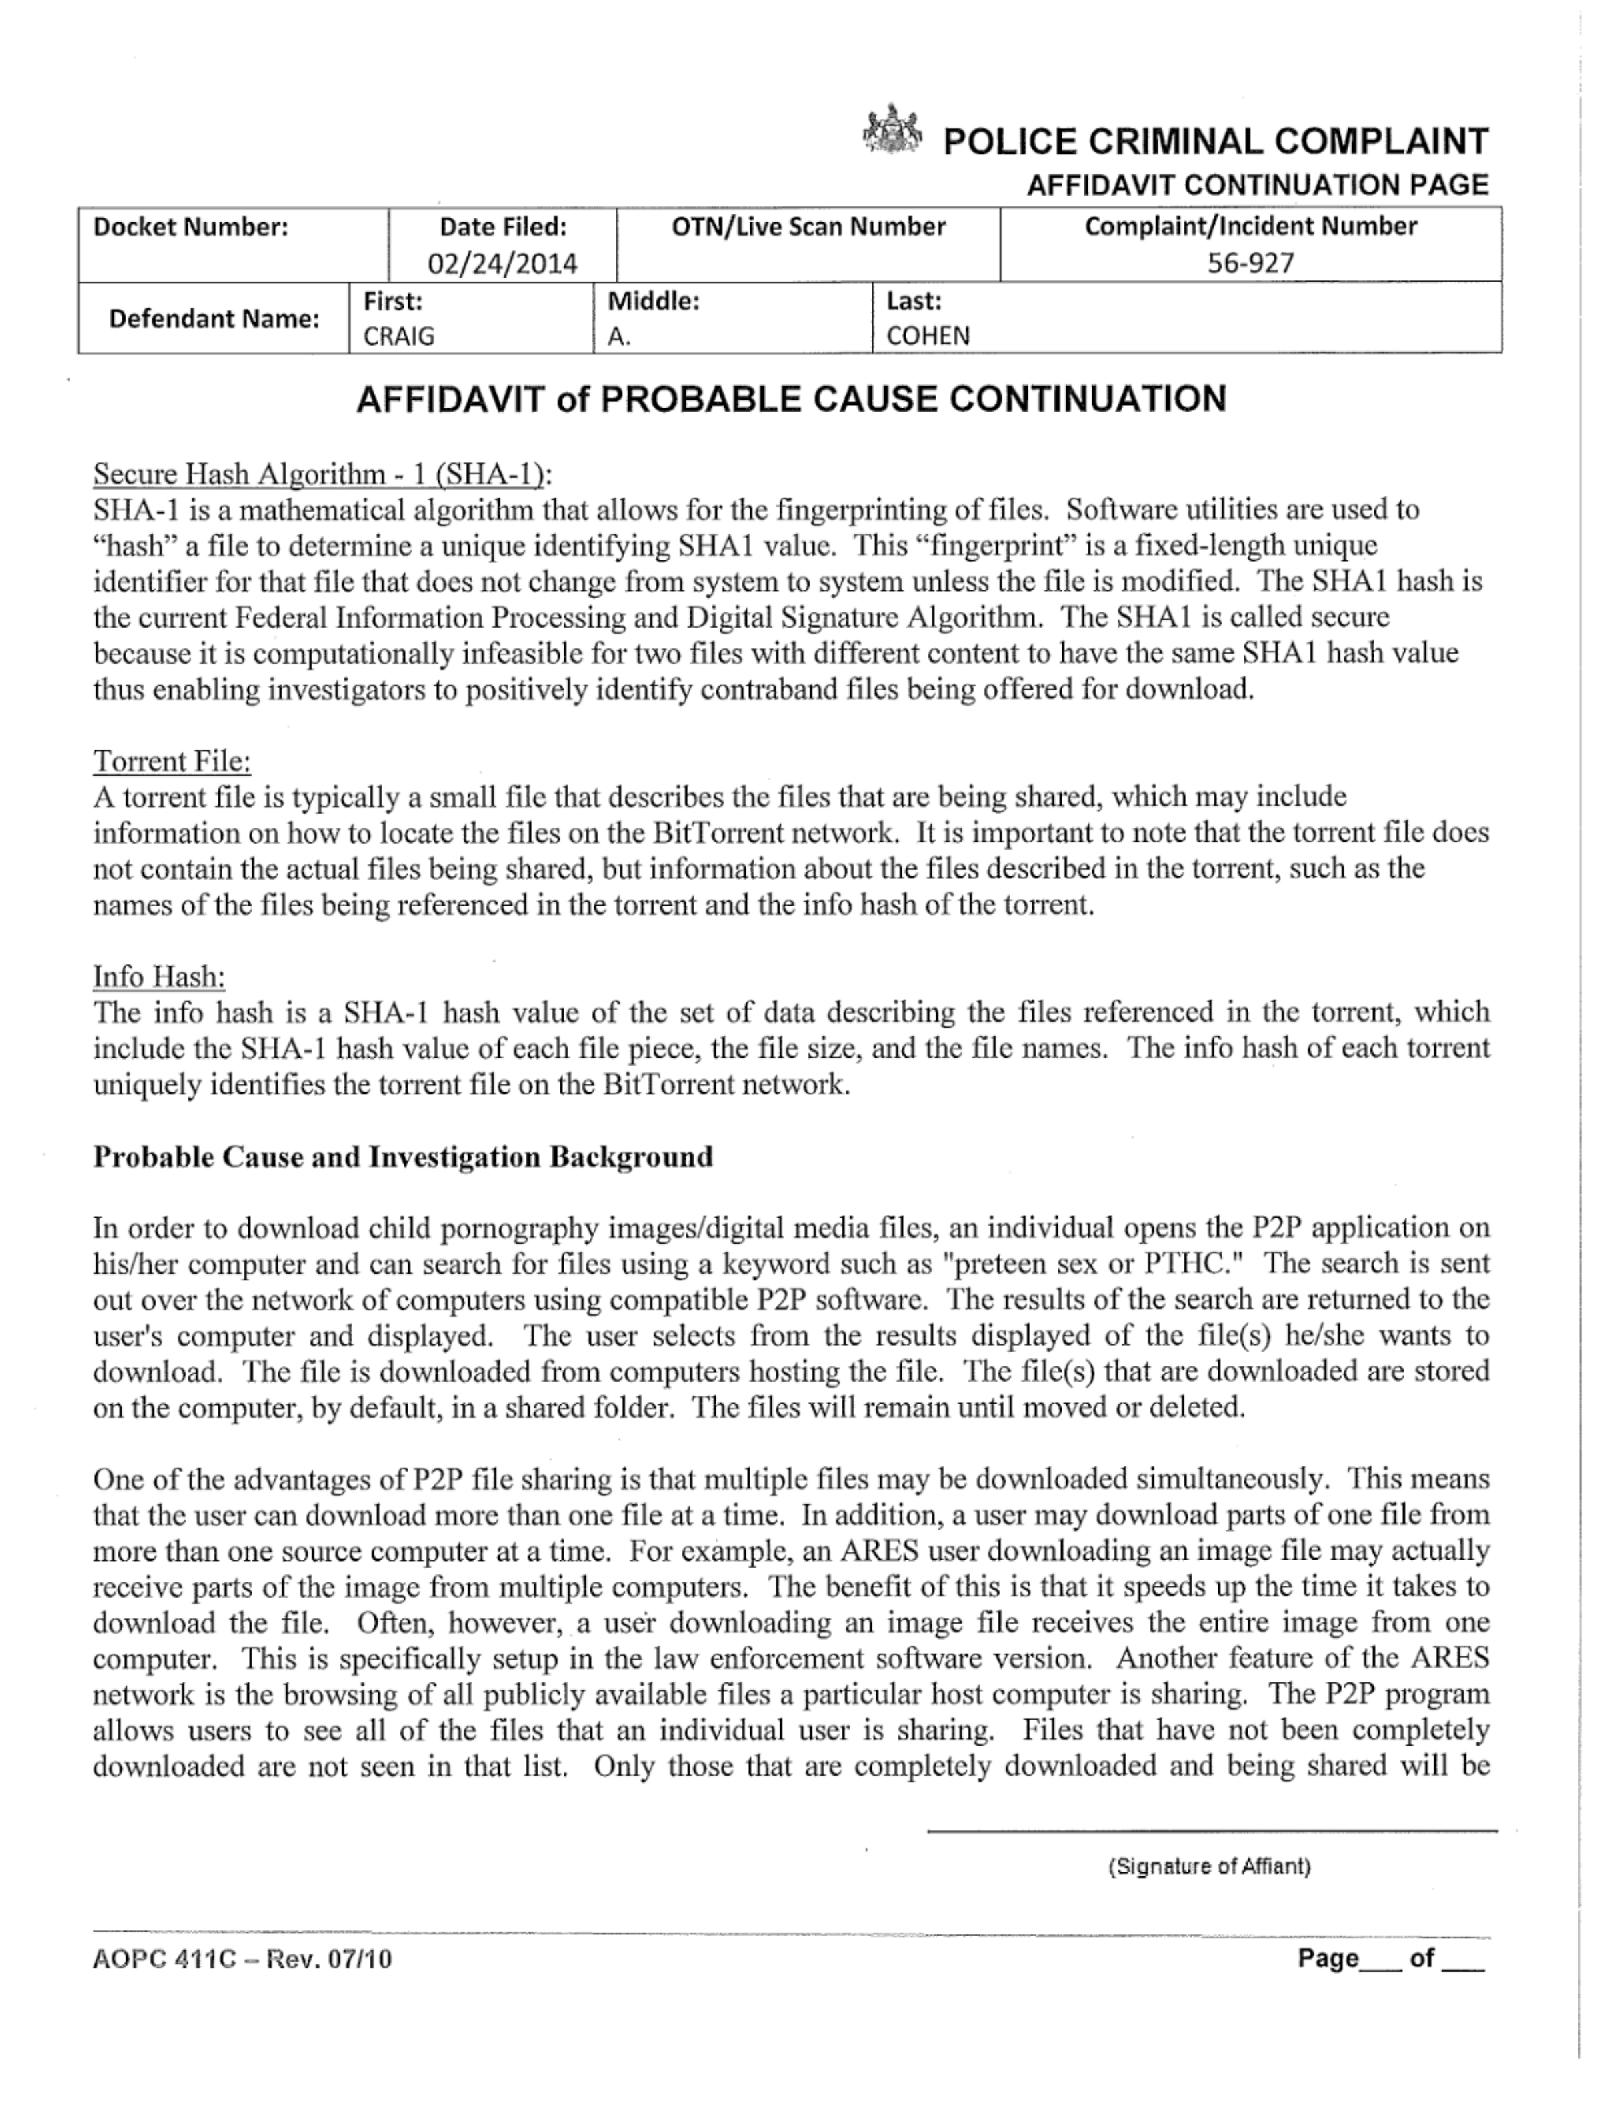 Copy of Cohen Craig Criminal Comnplaint06.png